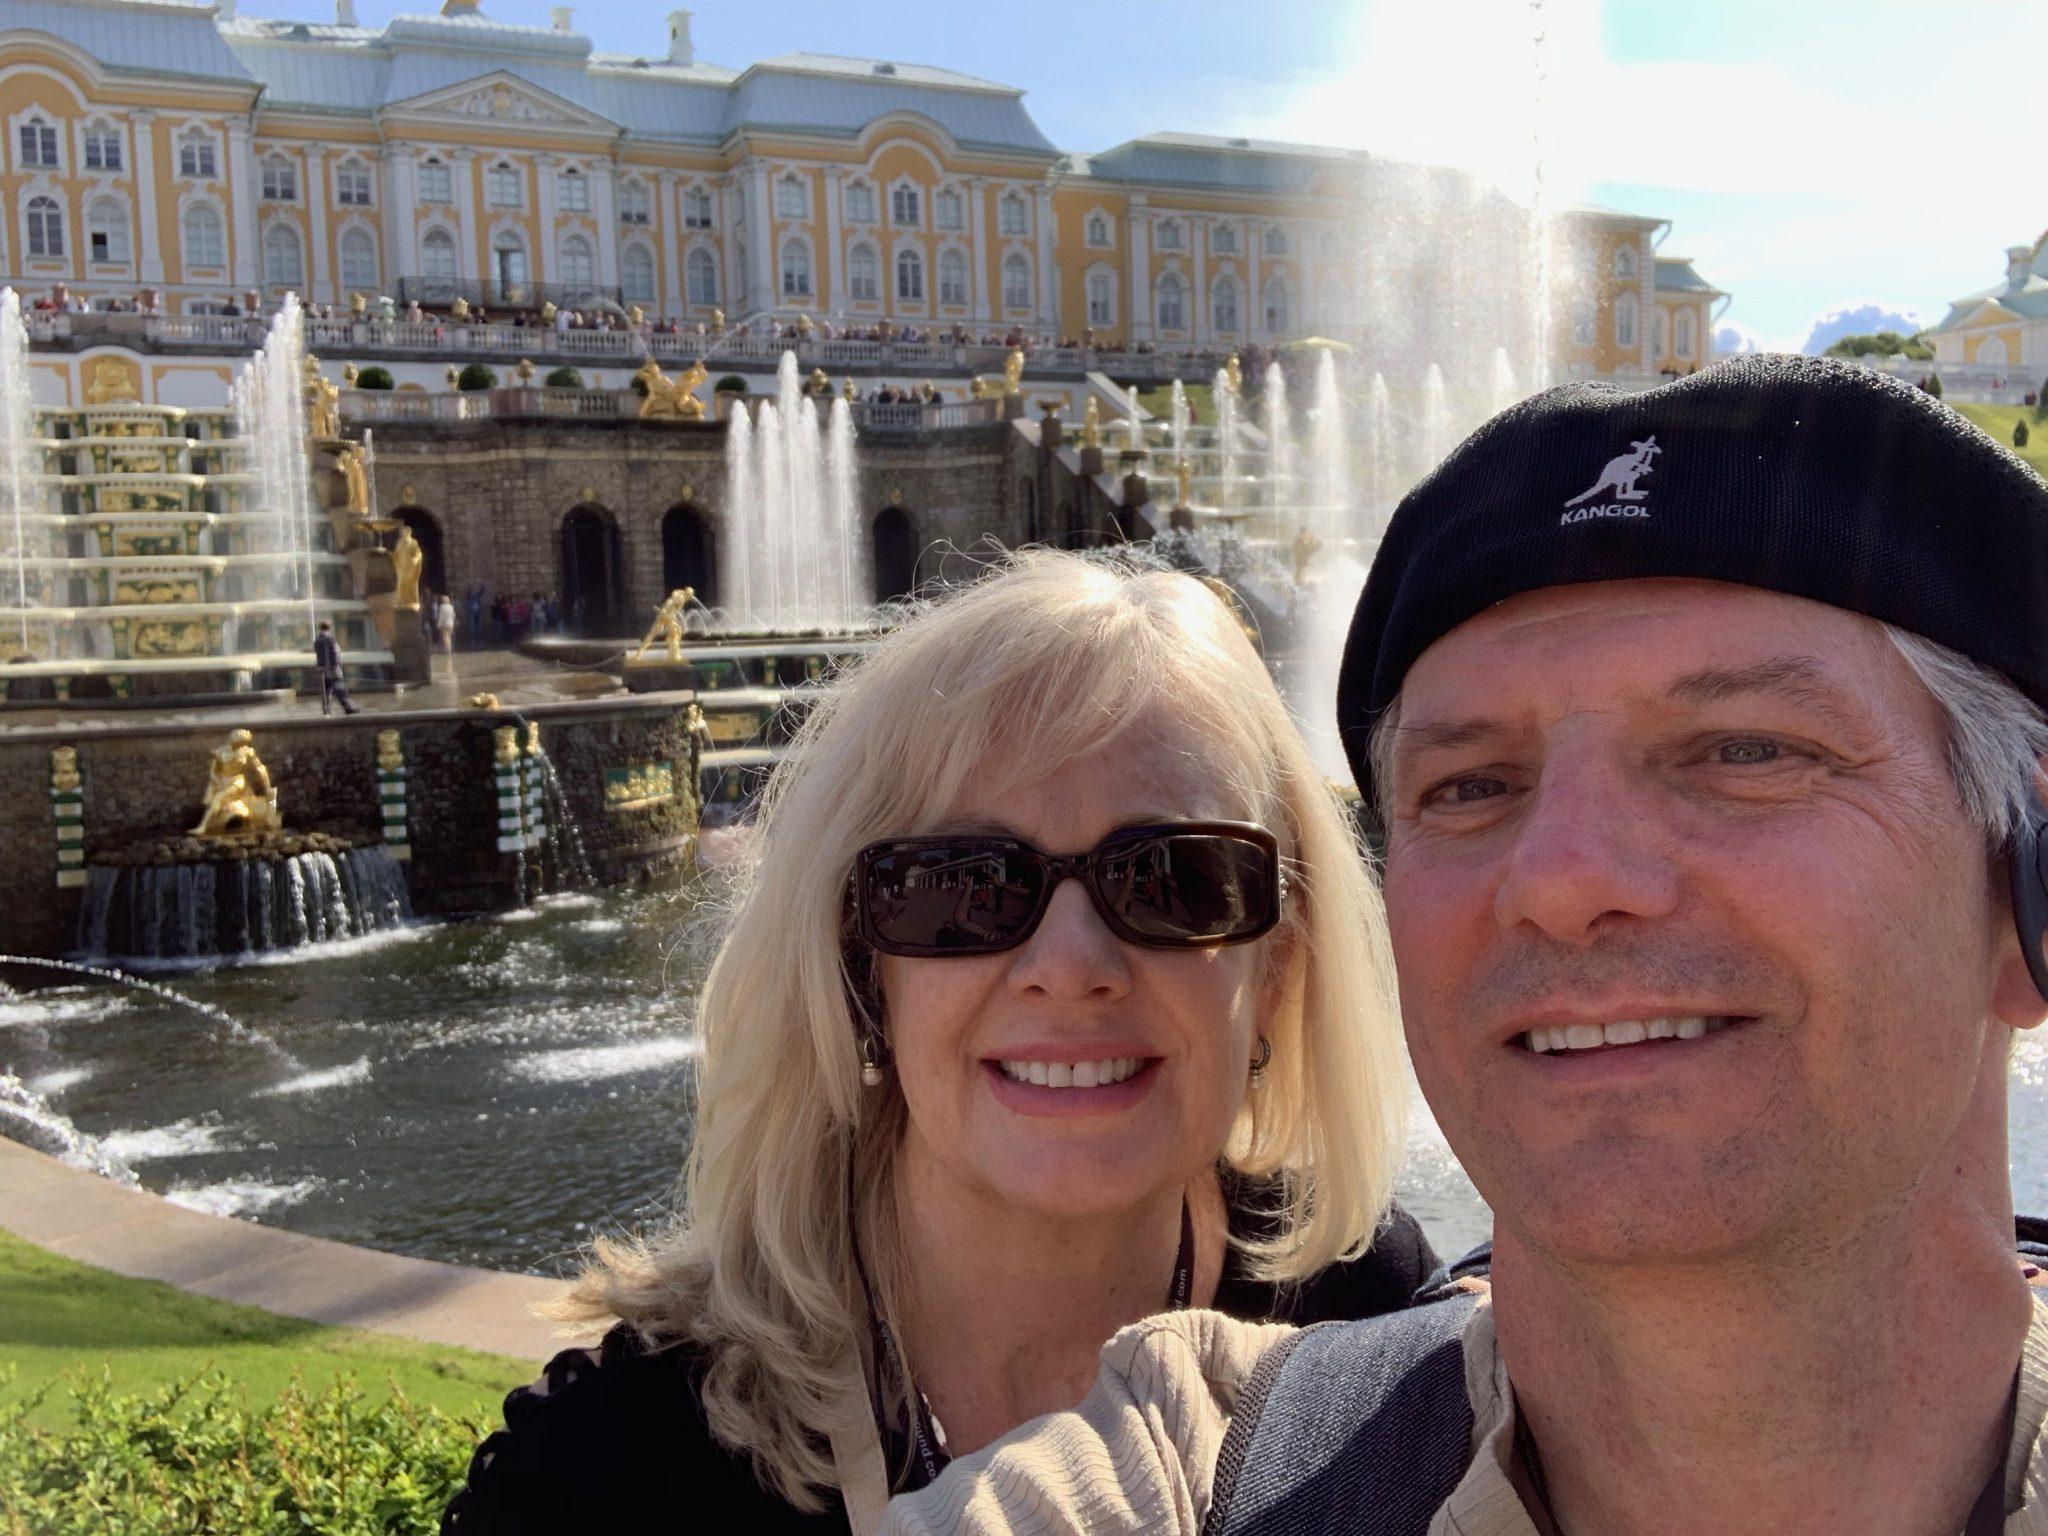 Us at Peterhof